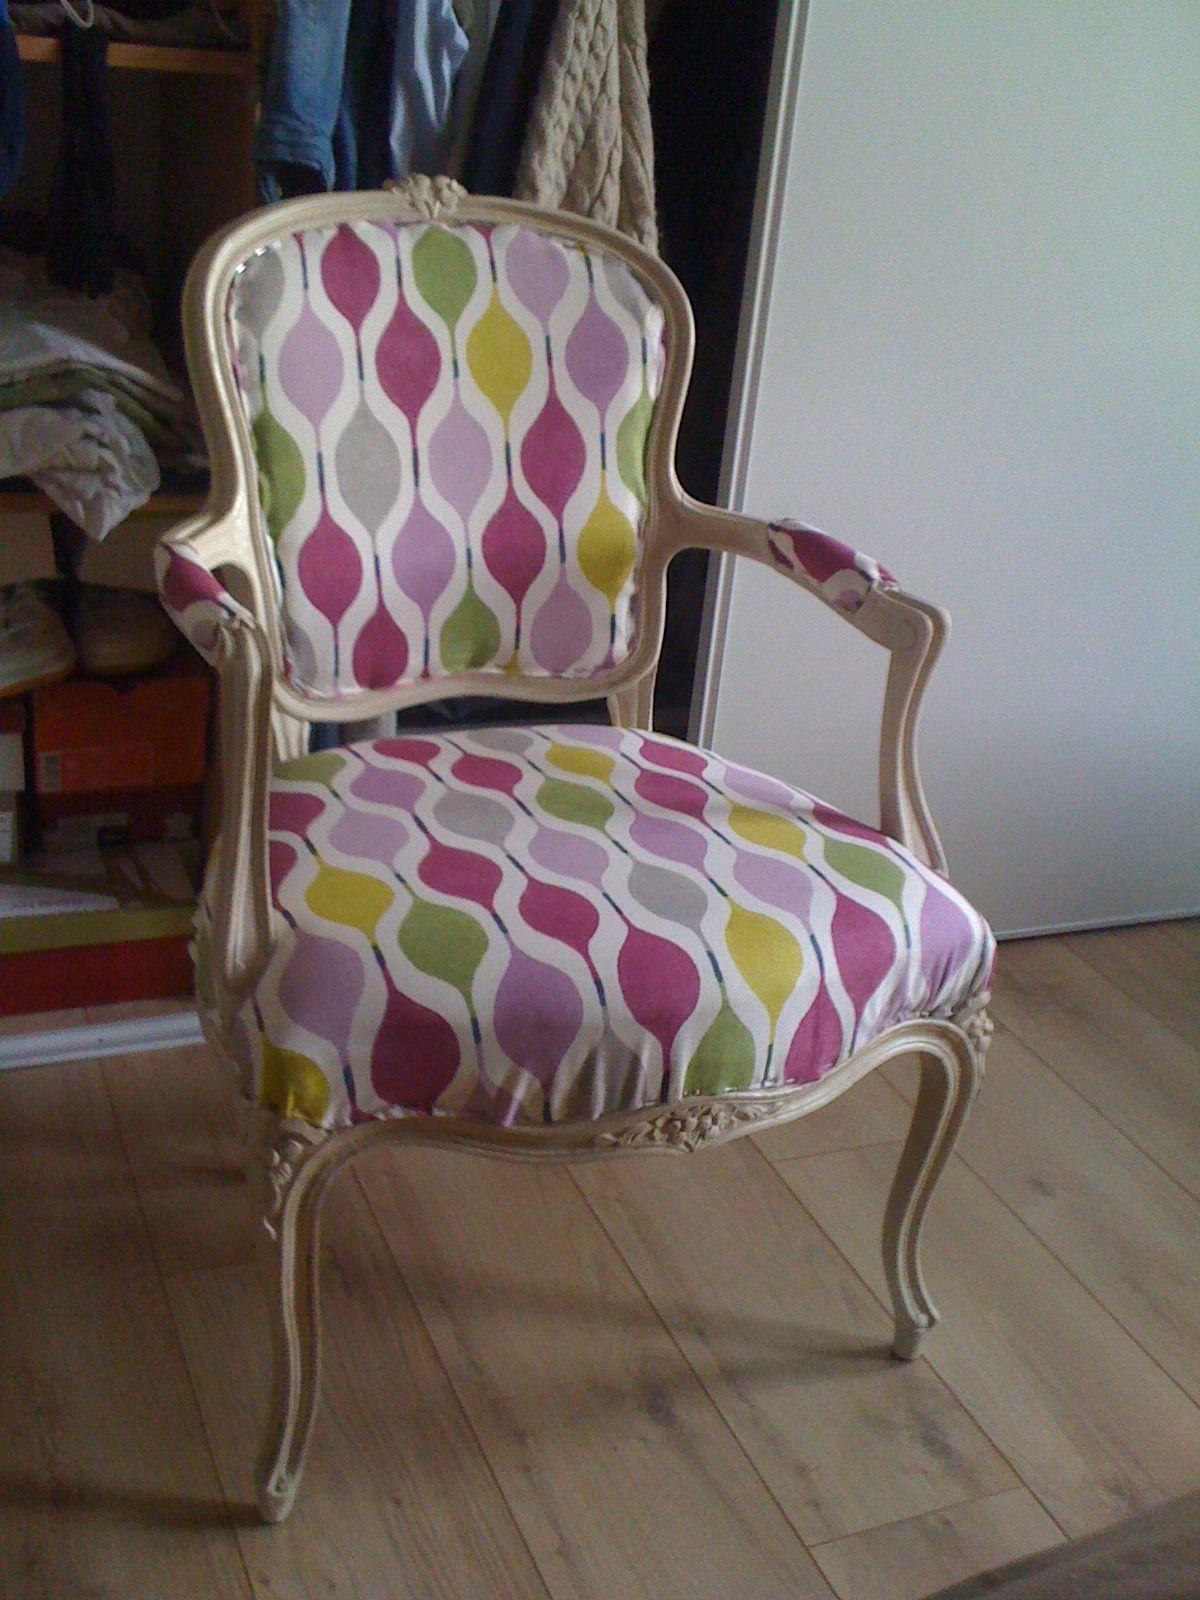 fauteuil de mamie relook mes petites cr ations pinterest fauteuil tapisserie et relooking. Black Bedroom Furniture Sets. Home Design Ideas